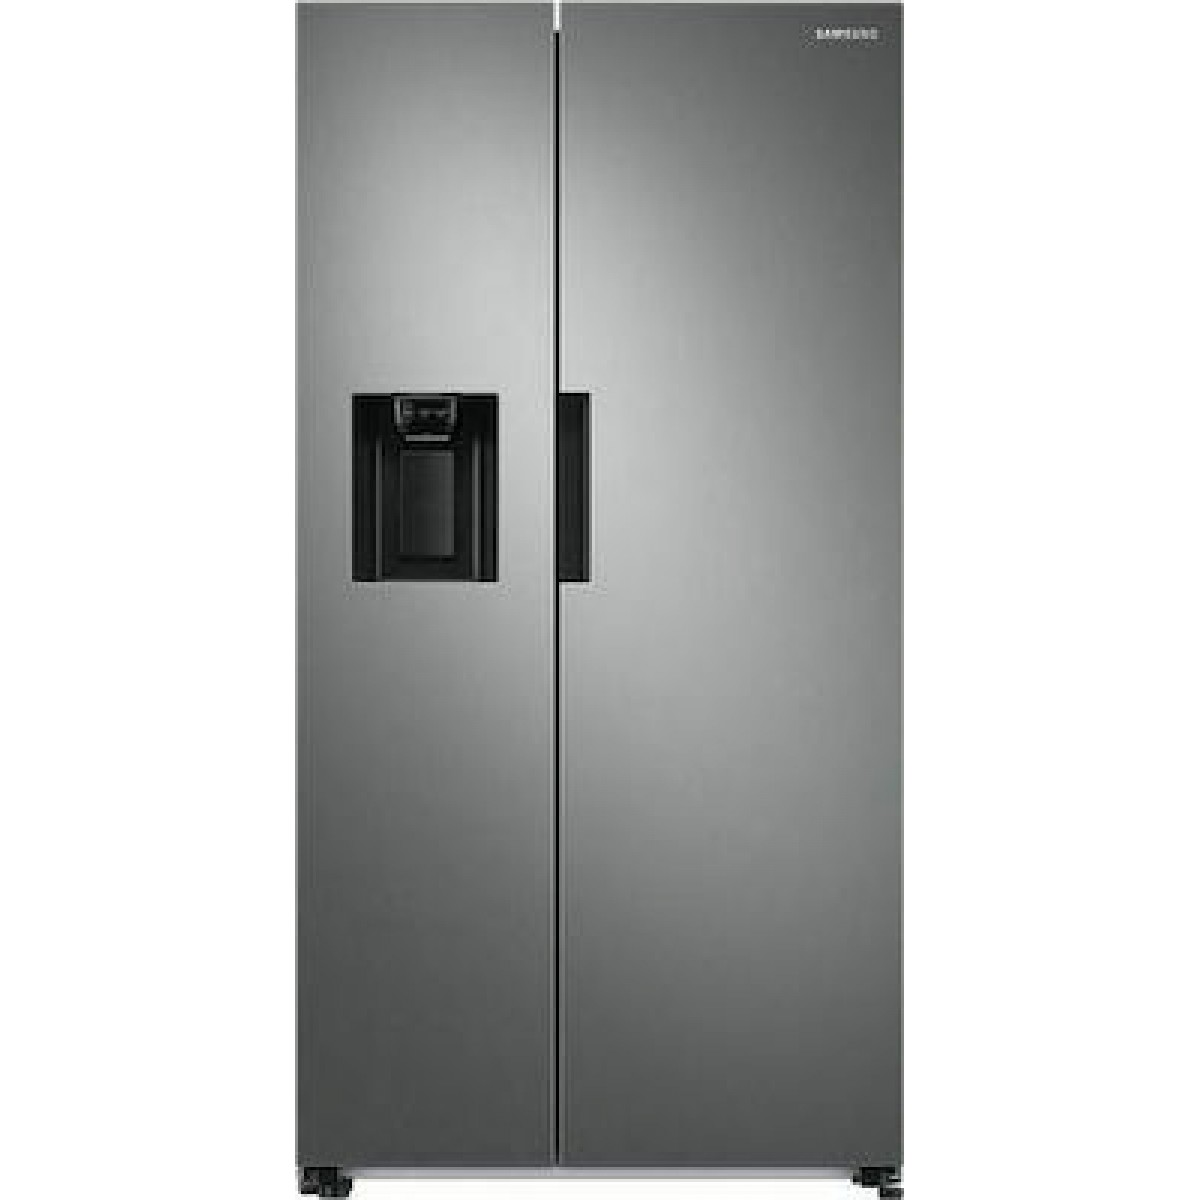 Ψυγείο Ντουλάπα Samsung RS67A8810S9 No Frost A+ Inox Ντουλαπες side by side